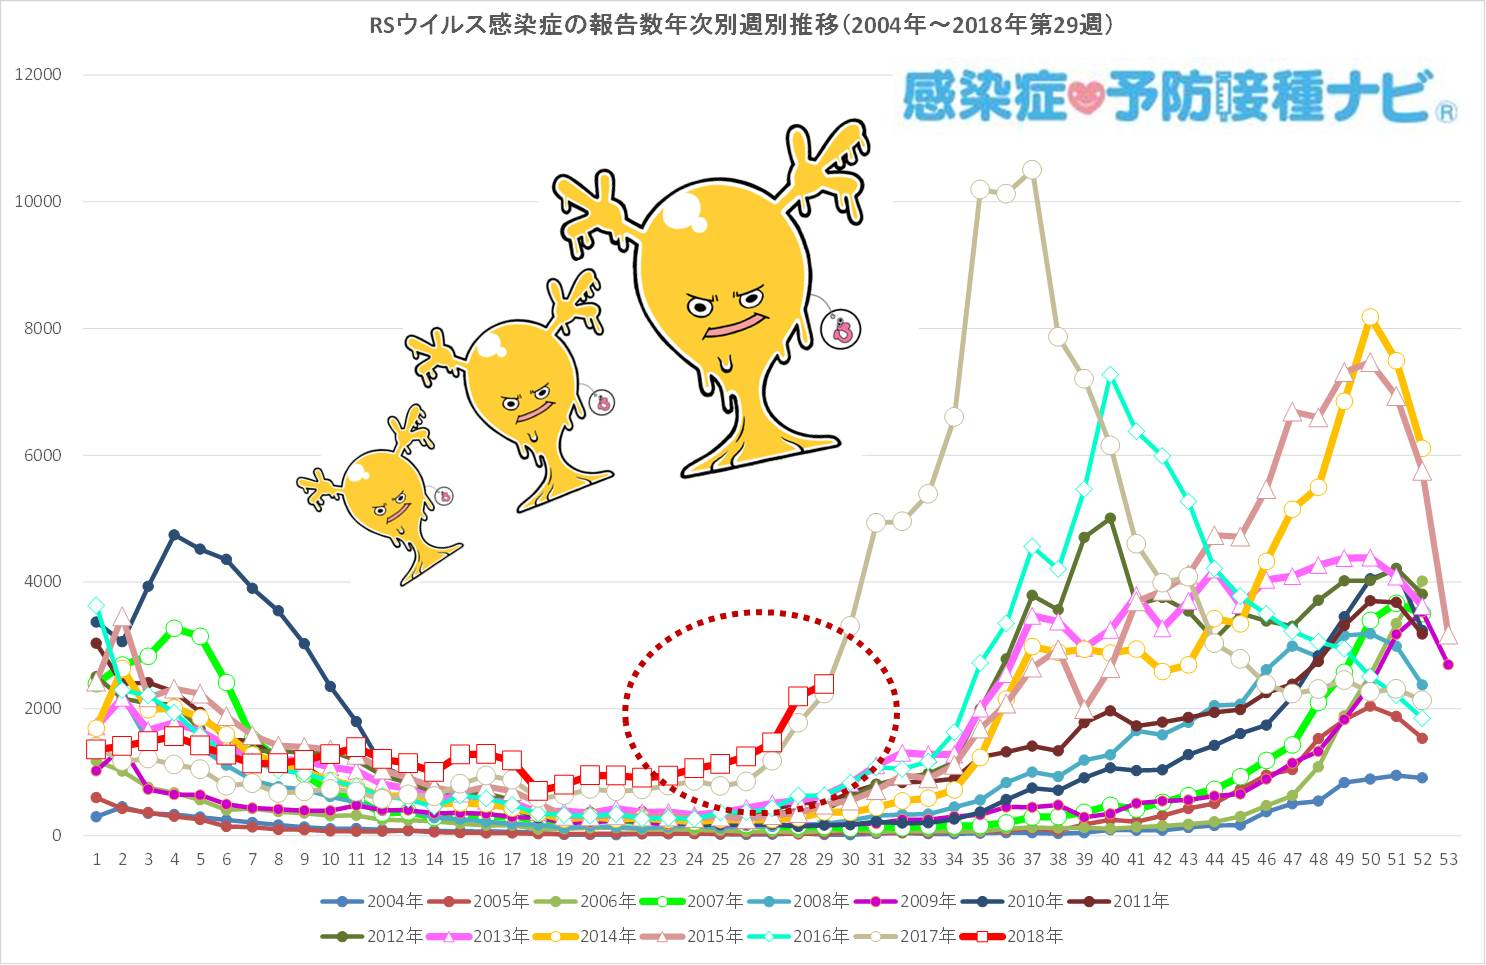 図.RSウイルス感染症 流行の様子<br />情報元:IDWR2018年第28週(2018/7/16〜7/22)